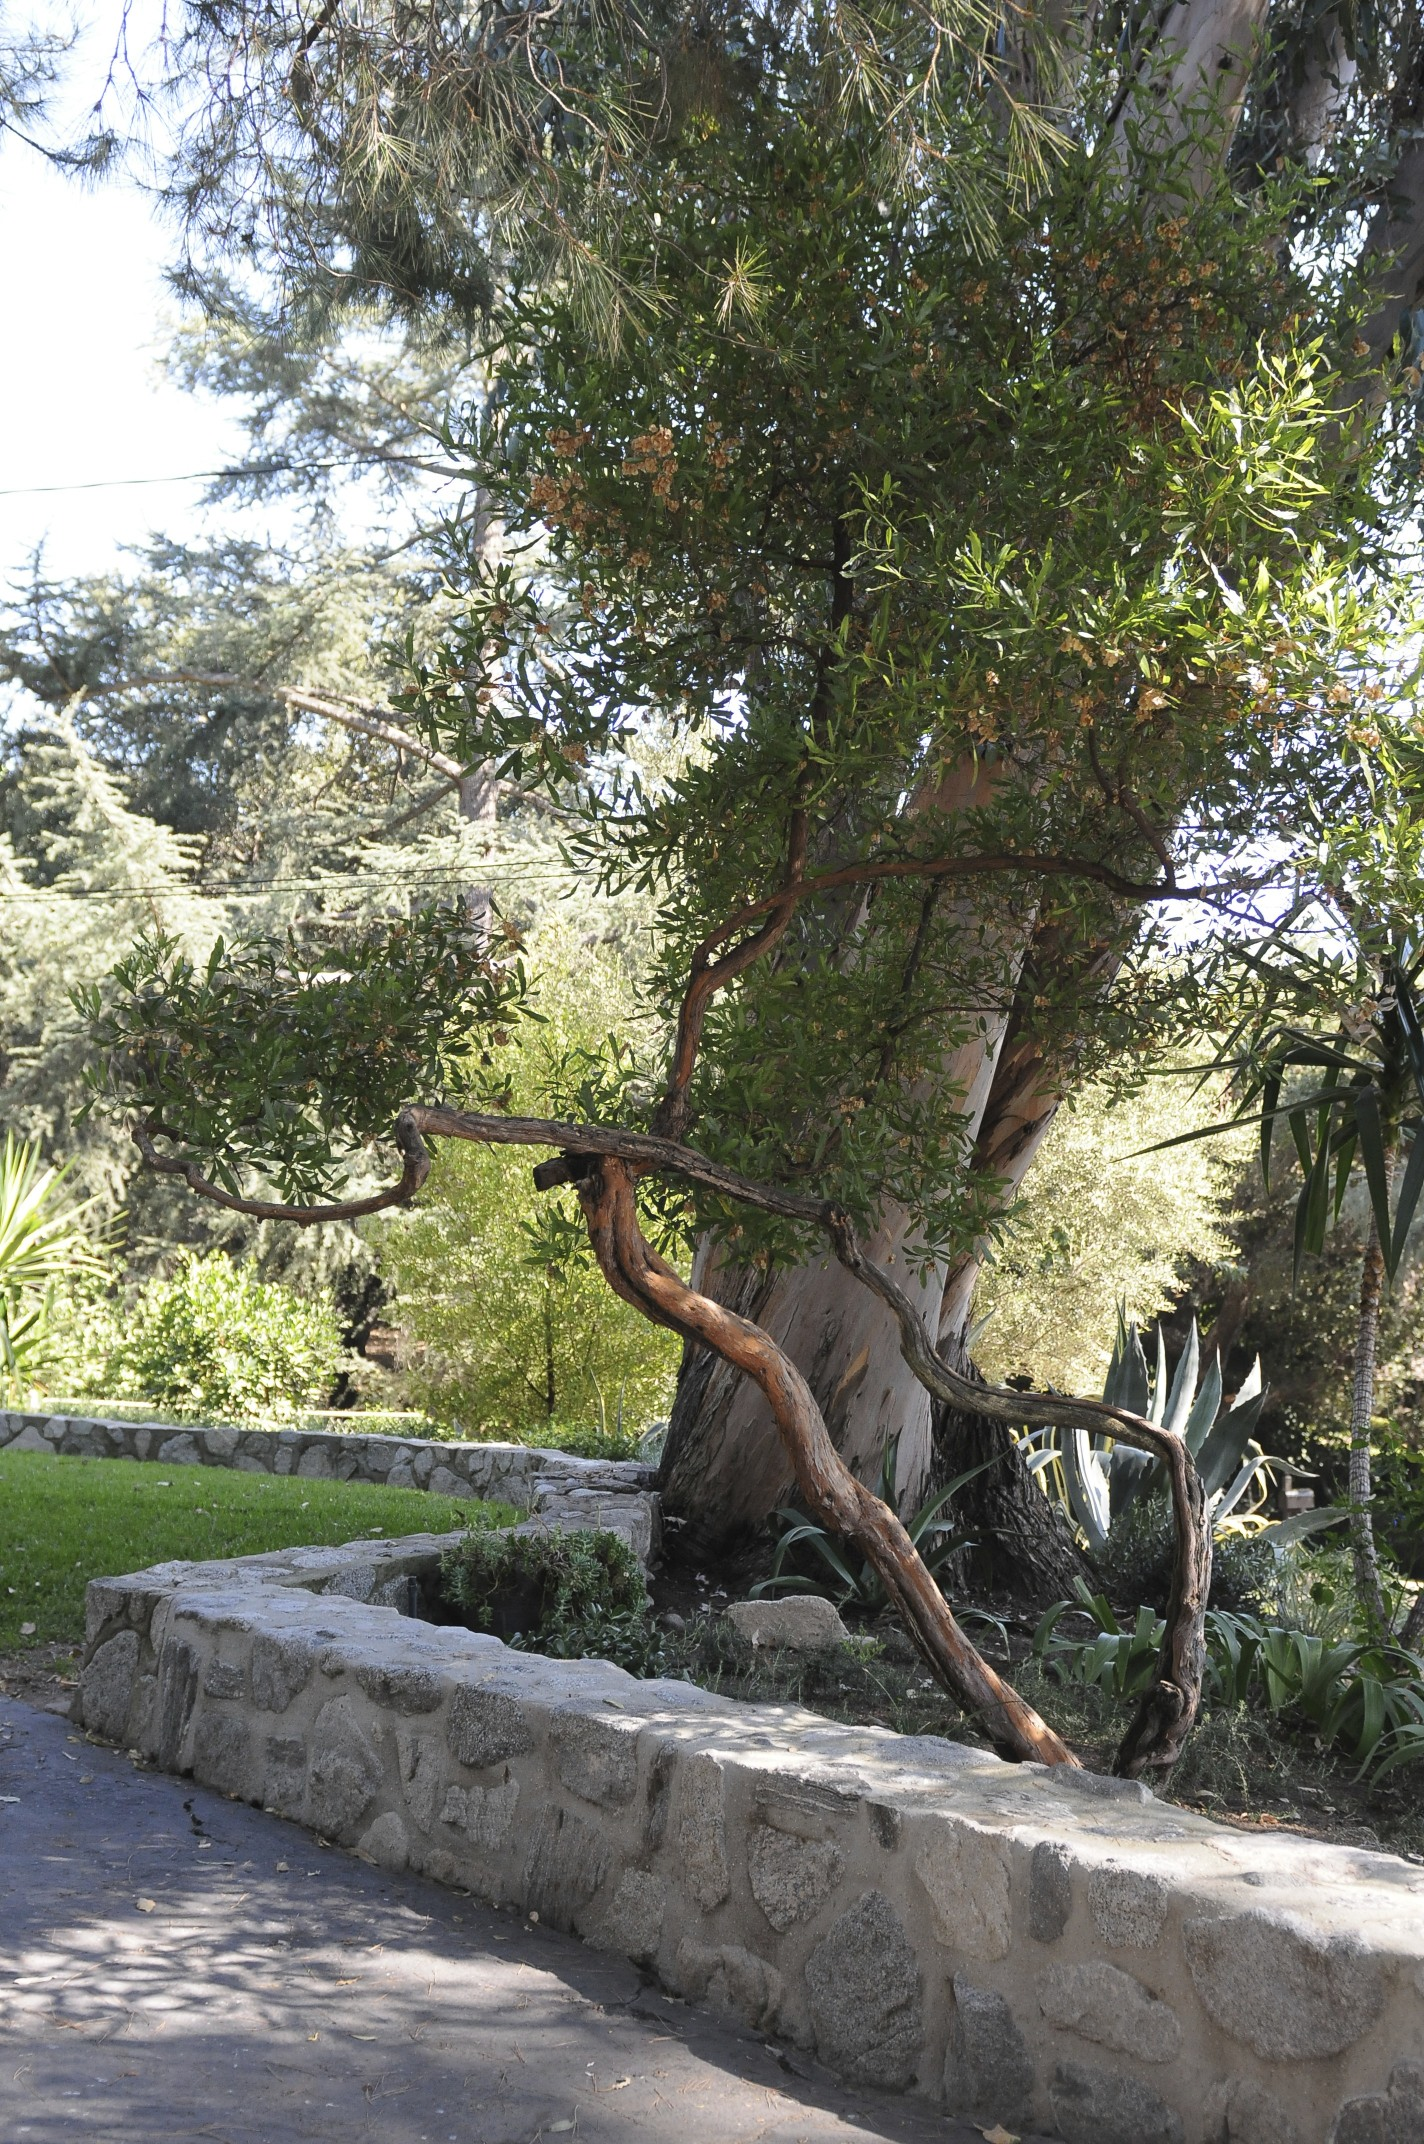 Dodonea viscosa (hopseed bush)